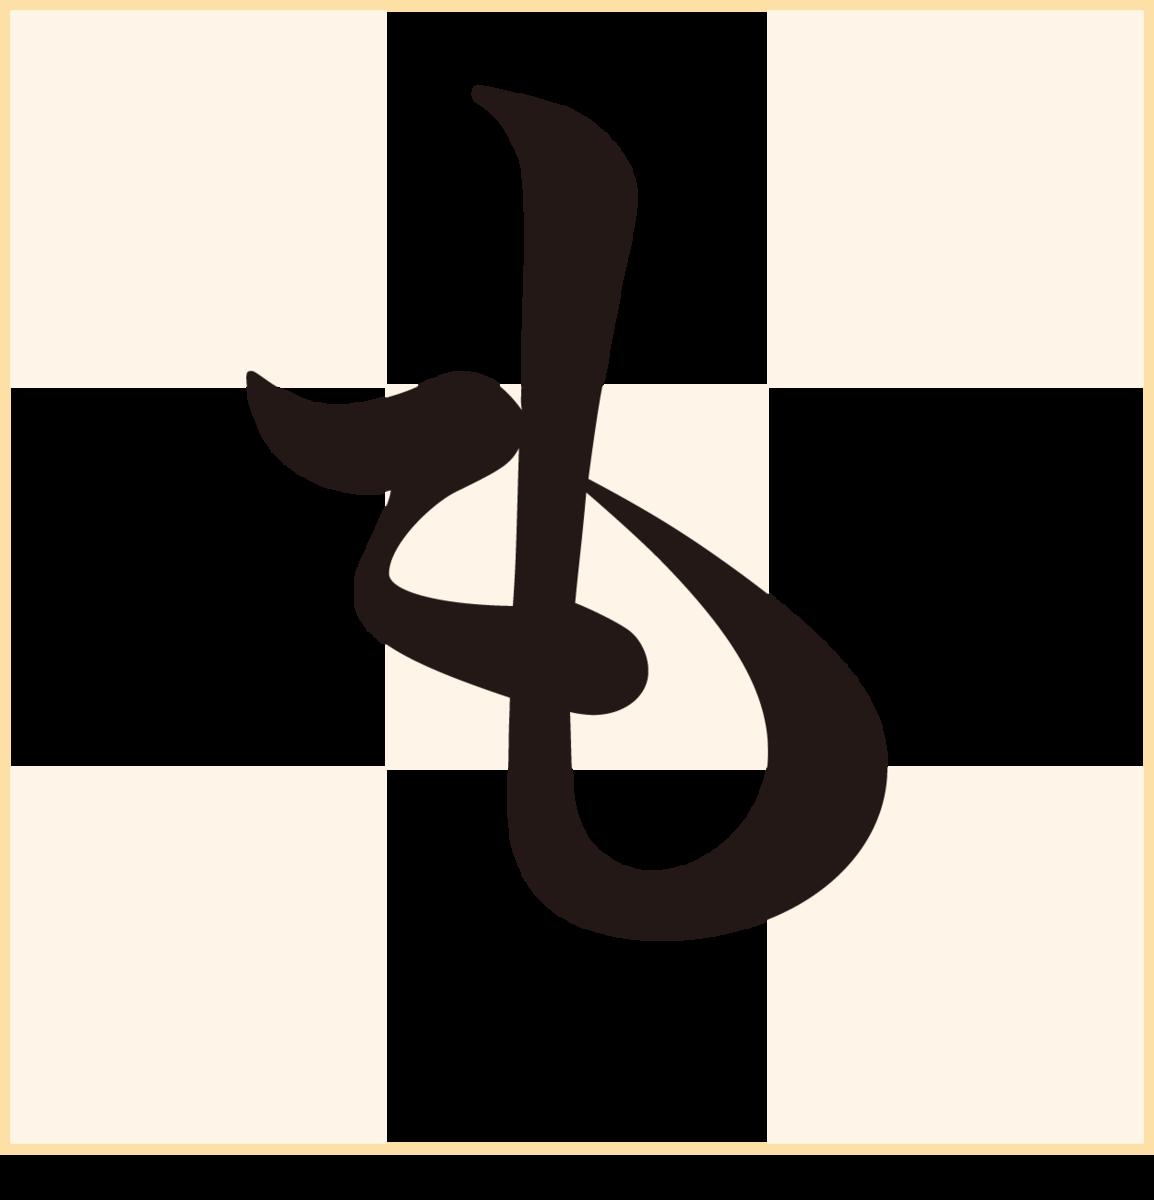 f:id:mojiru:20190411111849p:plain